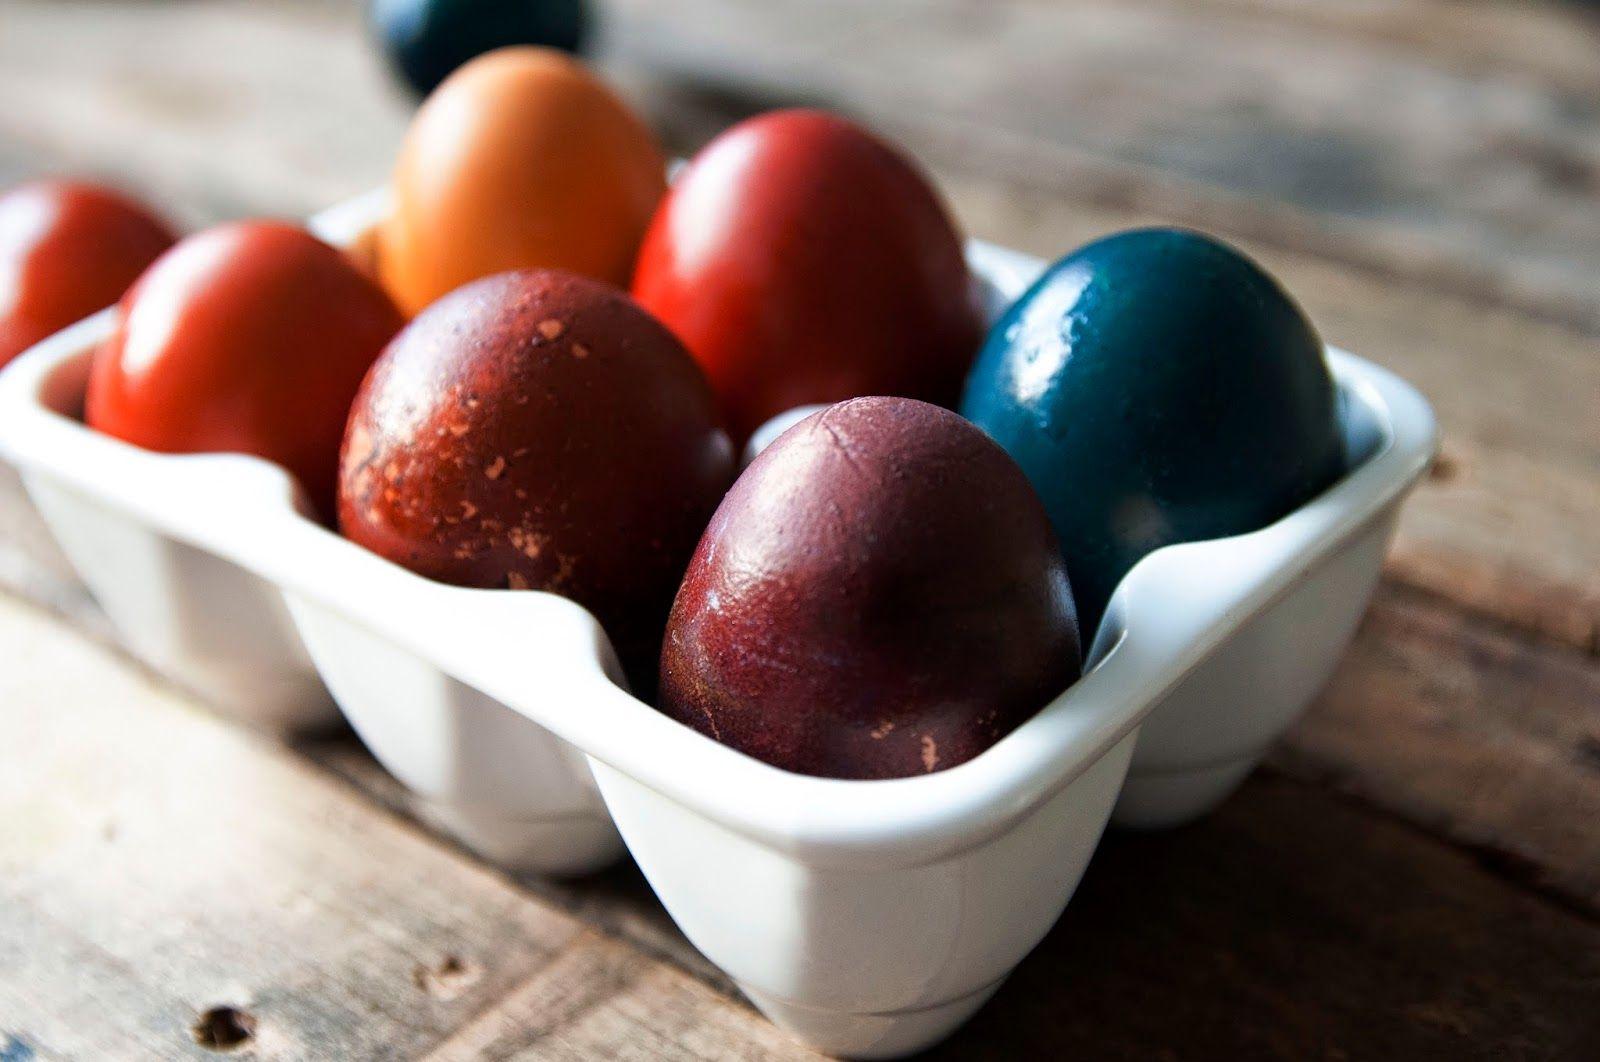 Odżywianie od kuchni: Naturalne barwniki do pisanek